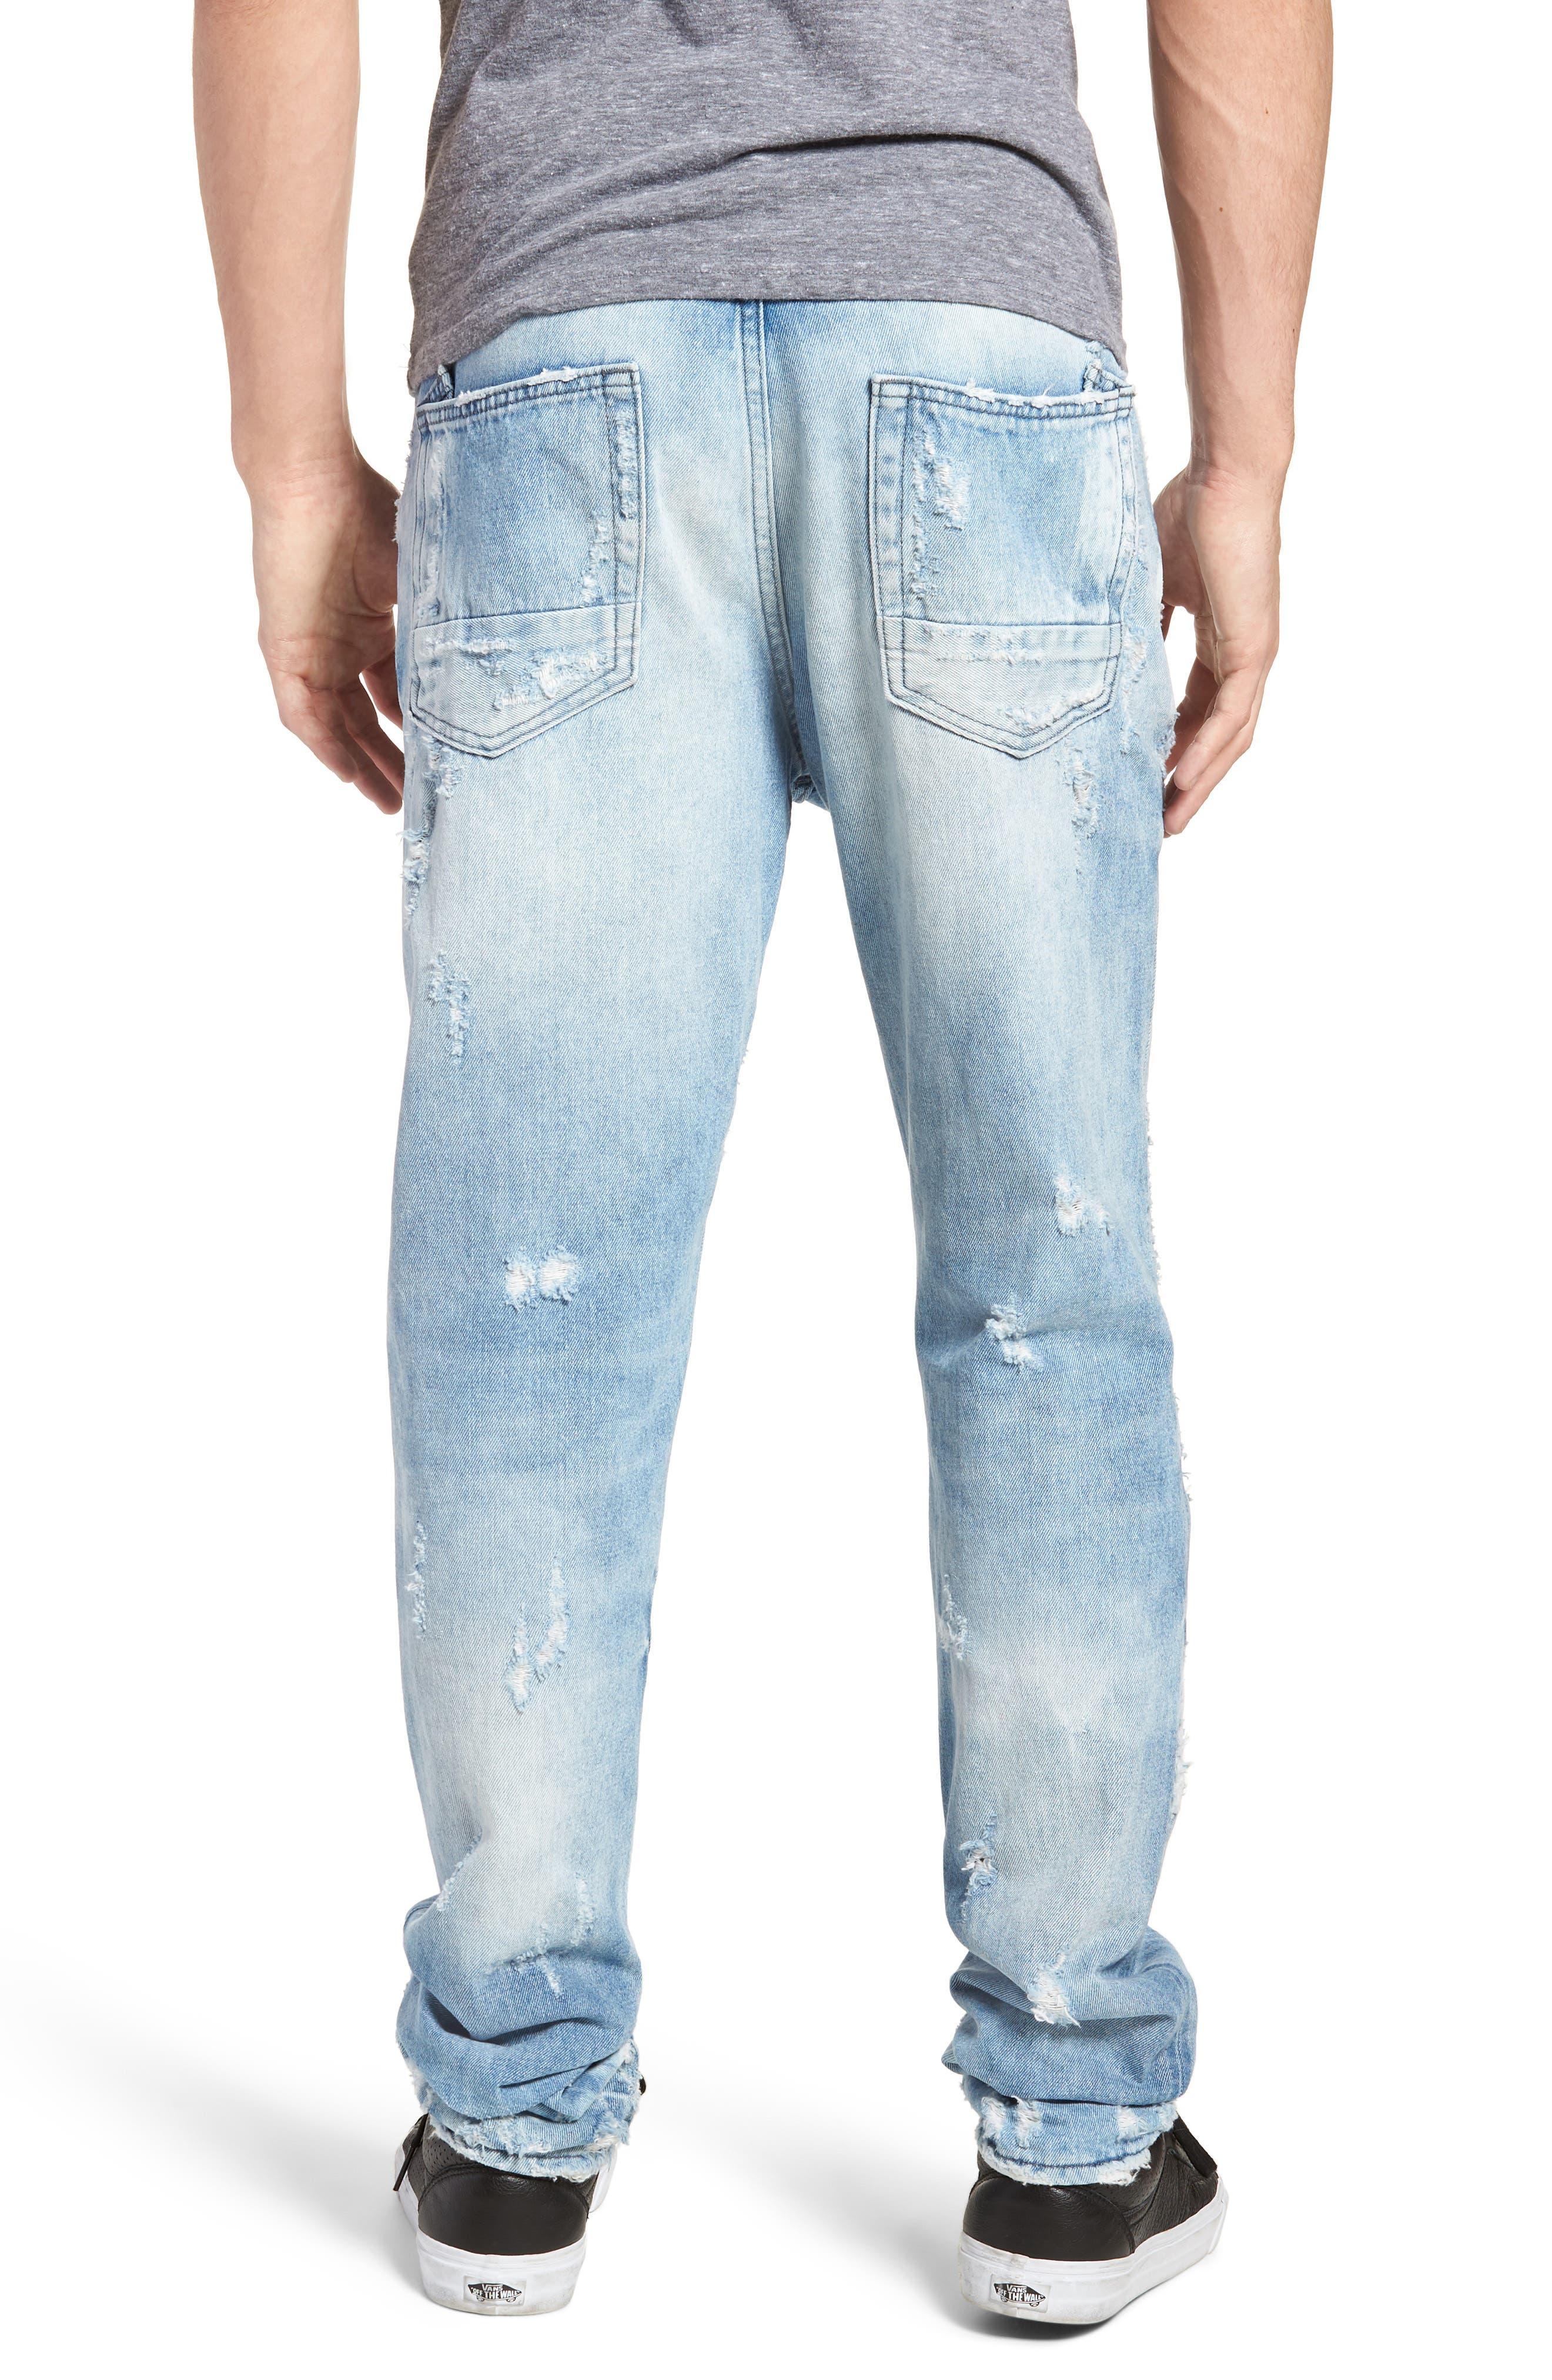 Le Sabre Slim Fit Jeans,                             Alternate thumbnail 2, color,                             Tenderness